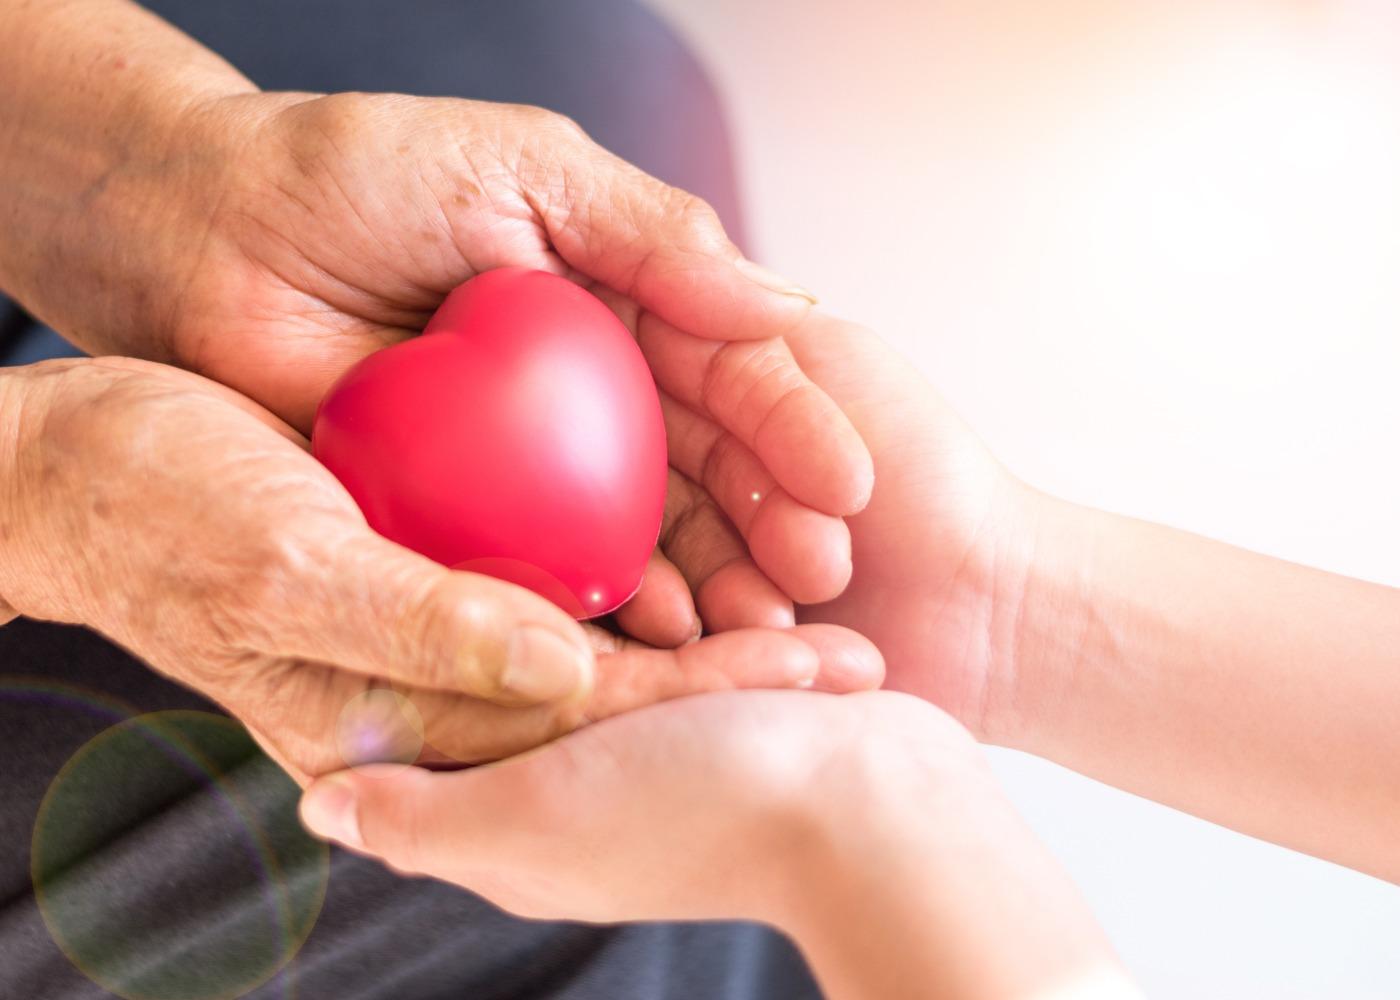 mãos de jovem a segurar mãos de um idoso com um coração